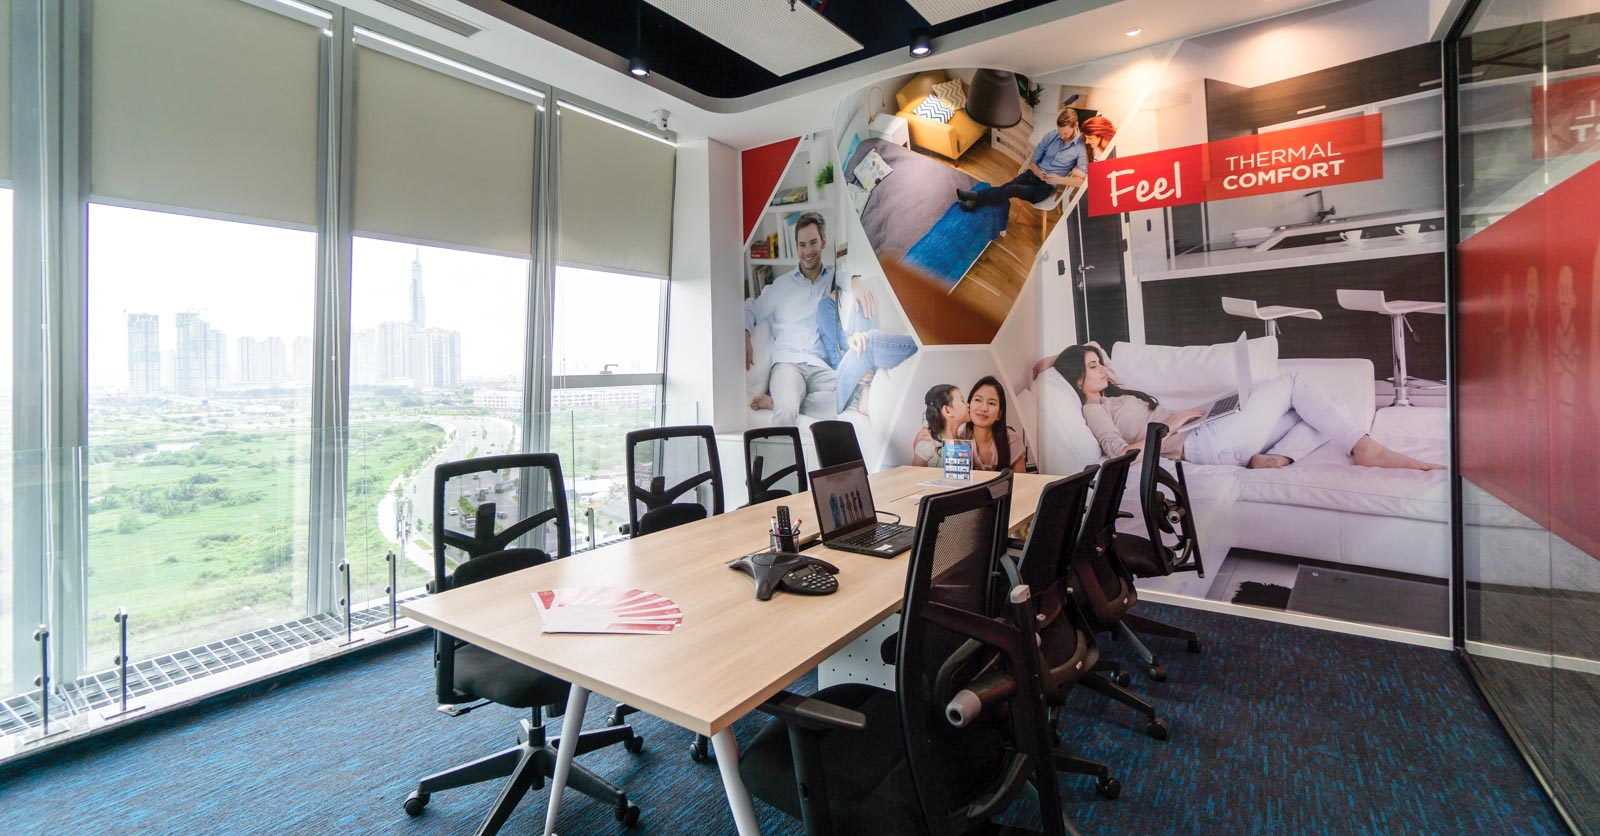 Kiến tạo không gian văn phòng thế hệ mới với Saint-Gobain-5